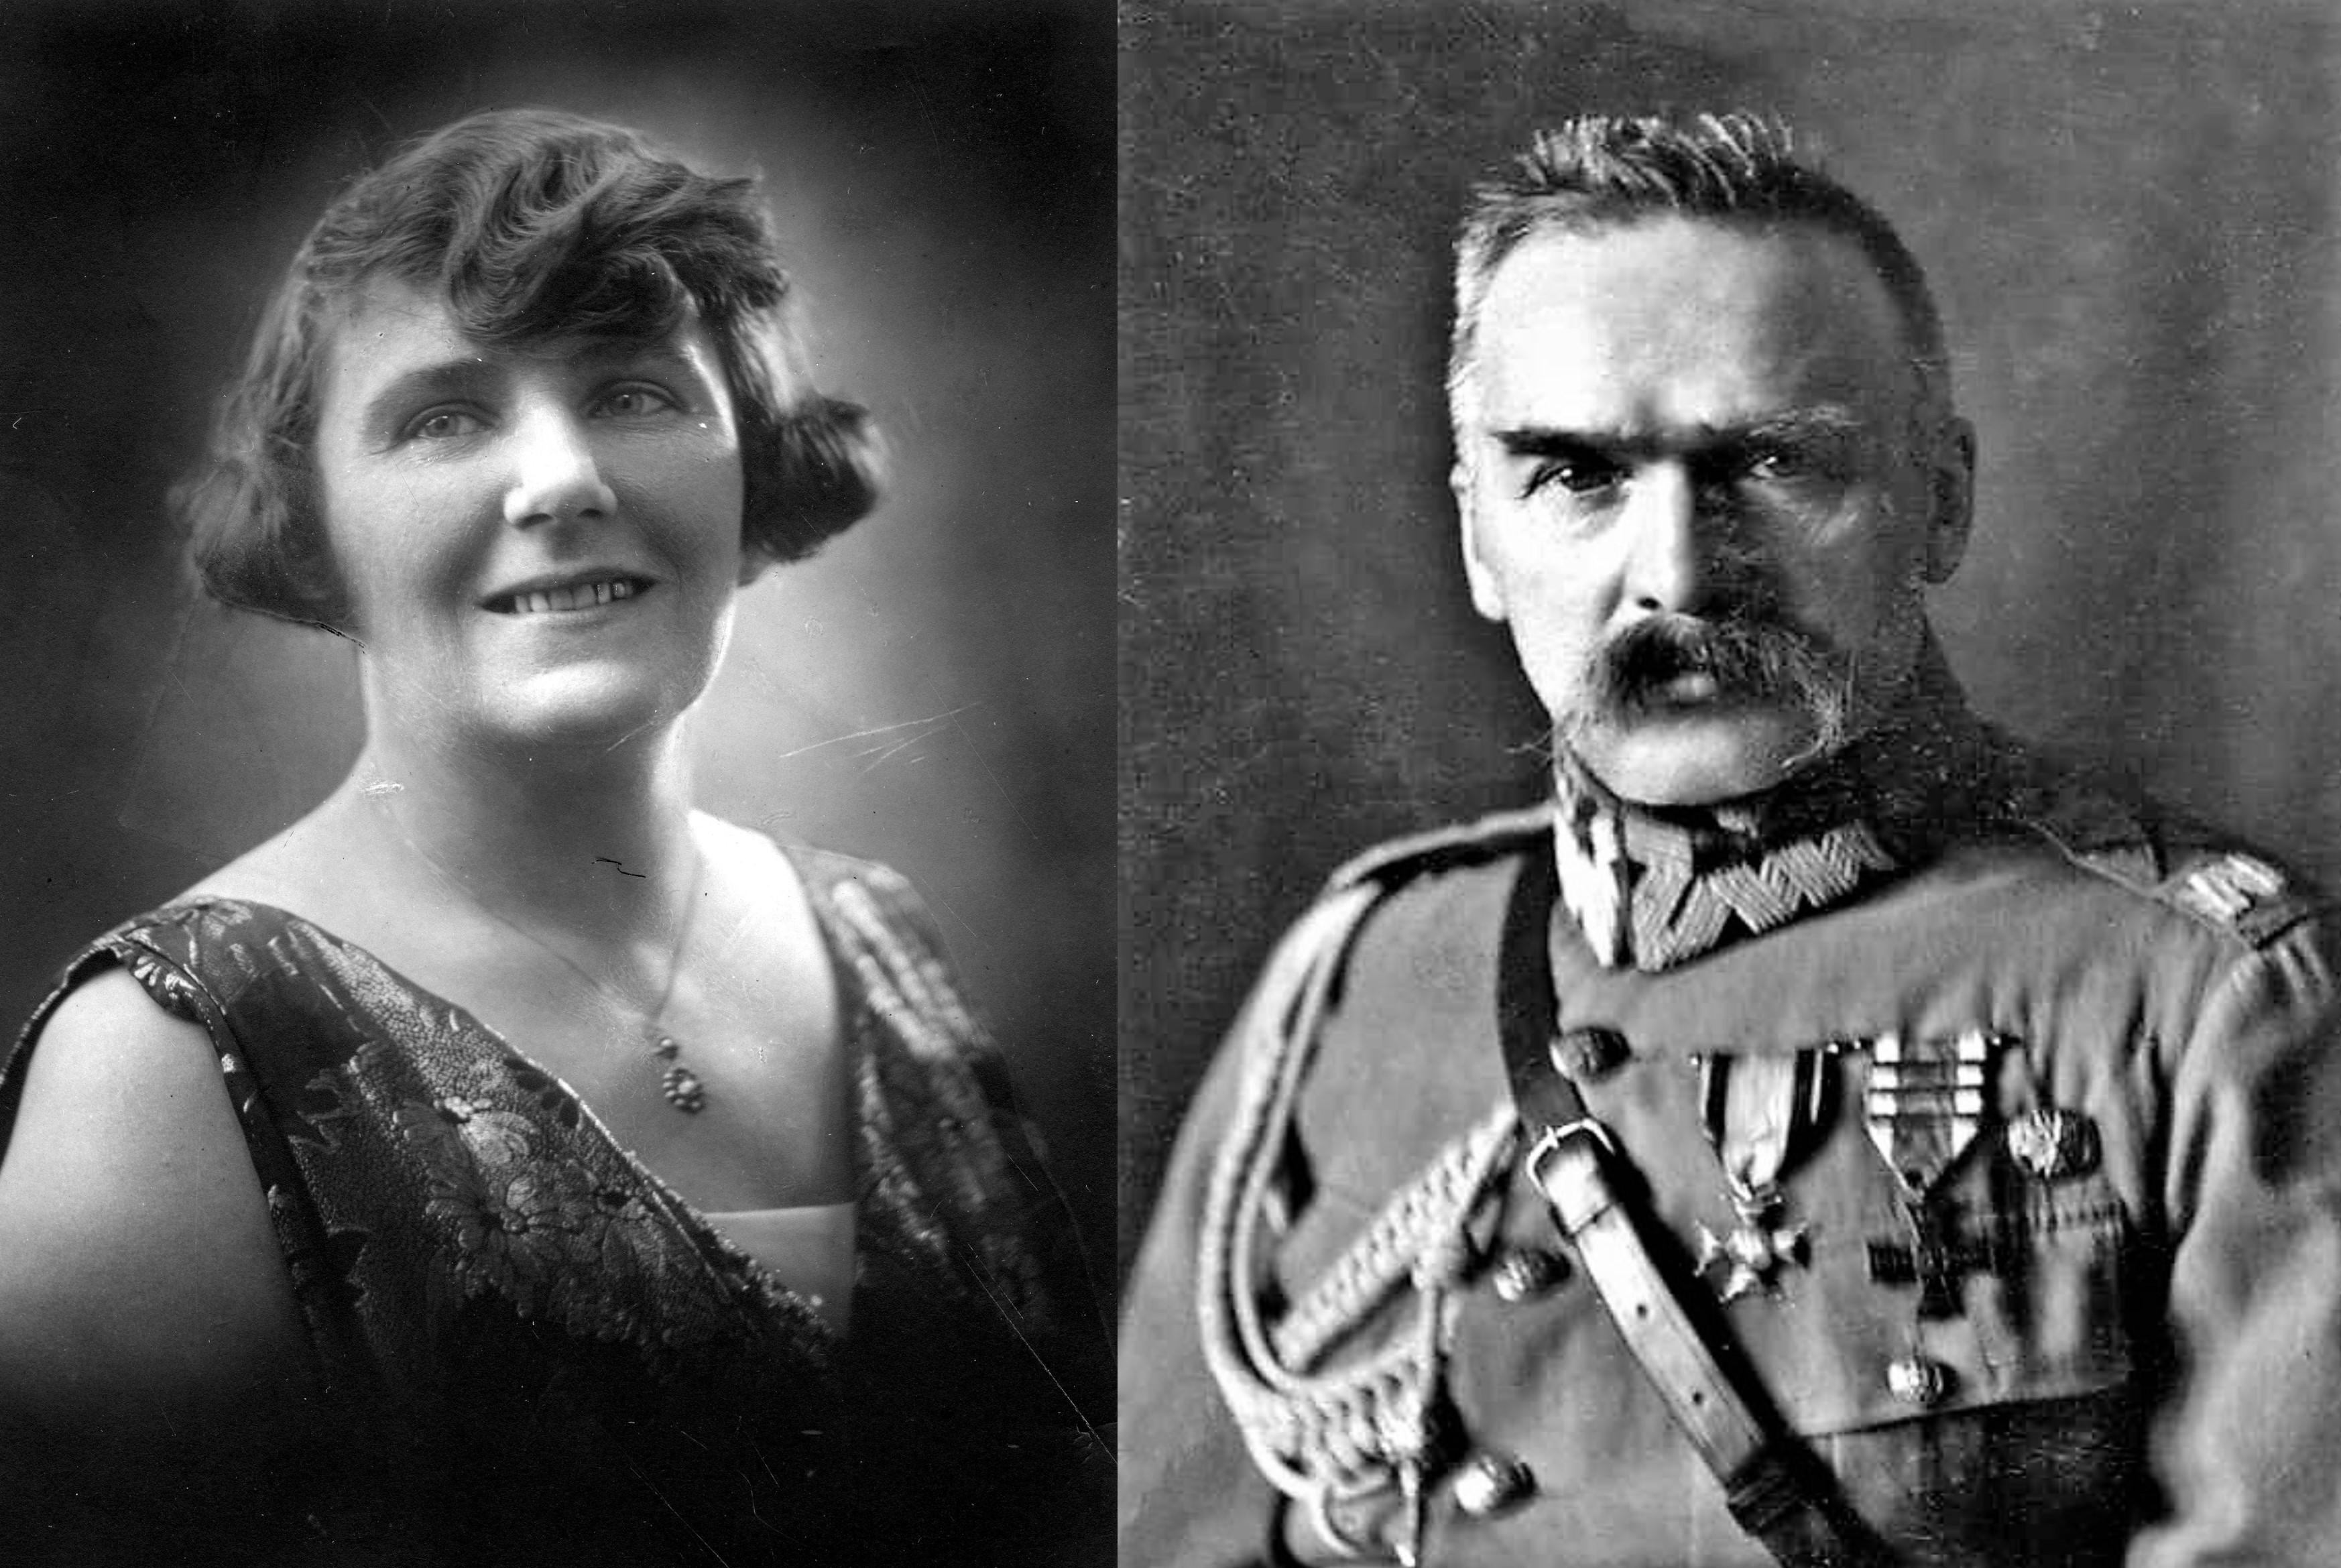 Portrety Zofii Nałkowskiej i Józefa Piłsudskiego z lat 20. XX w.